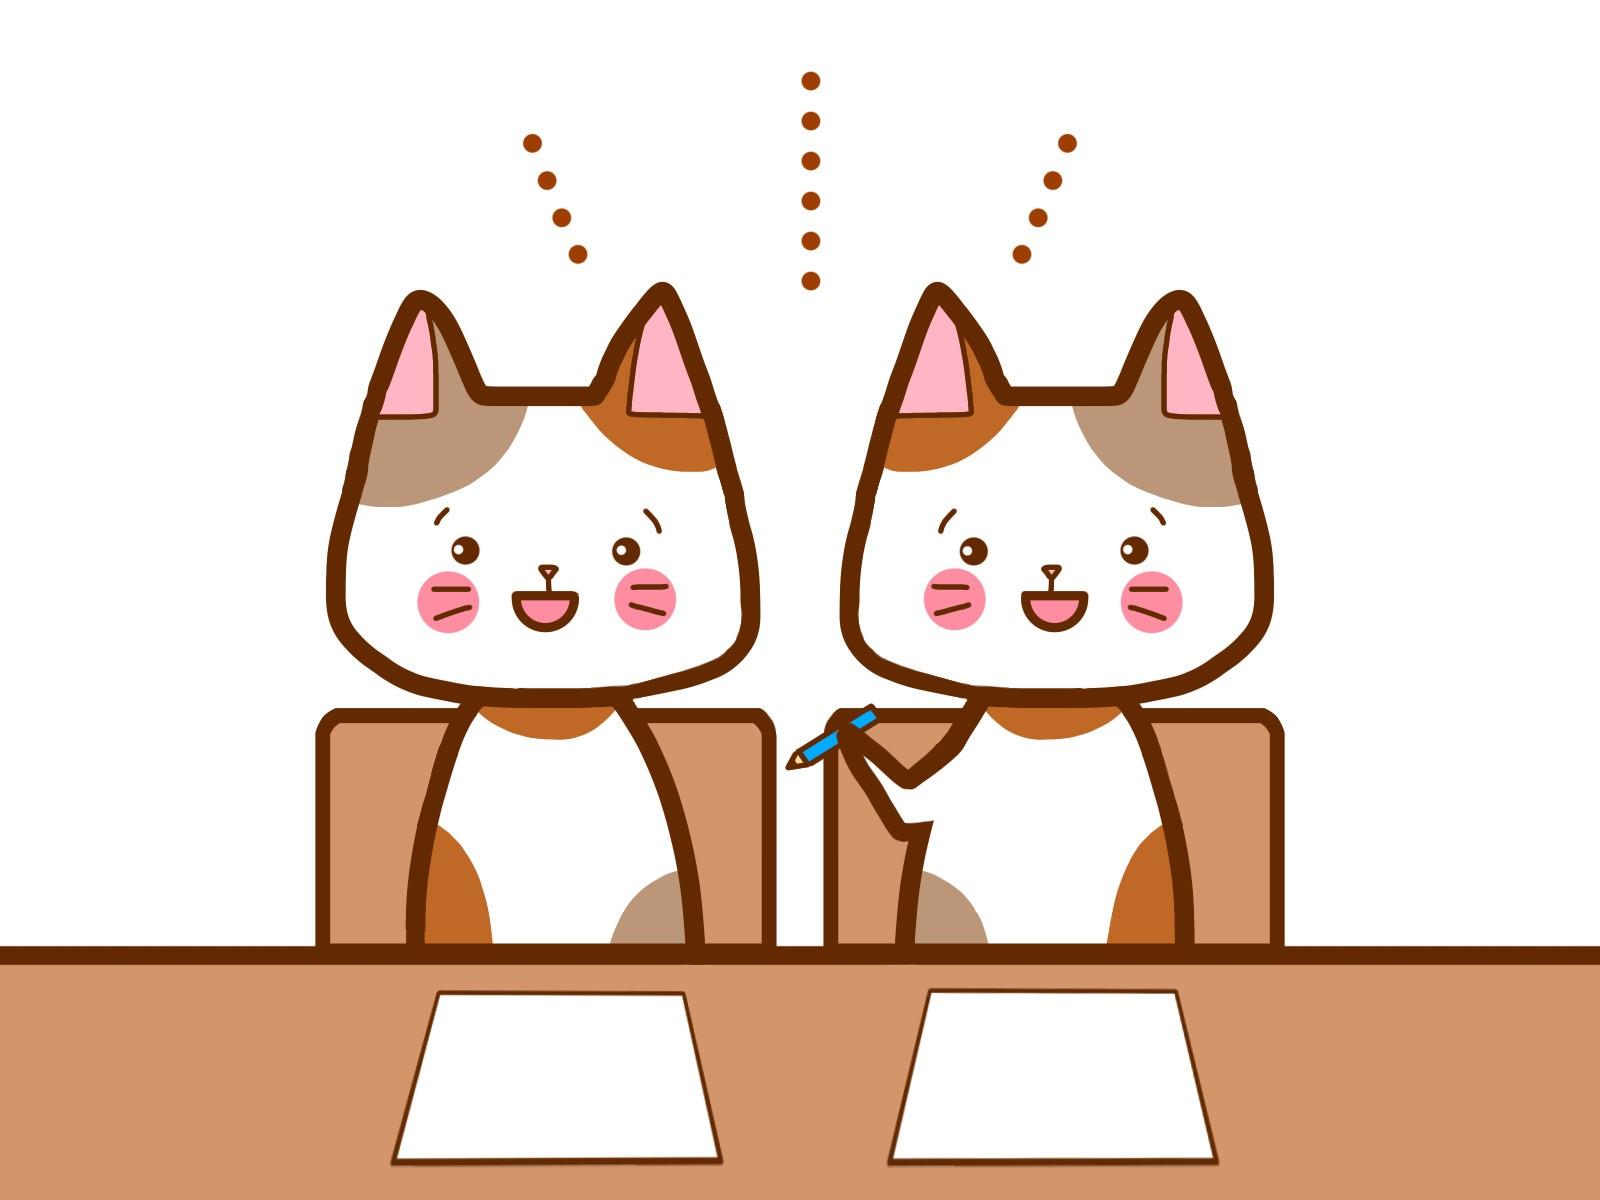 滋賀県ホームページ制作で必要なコミュニケーションをとる猫